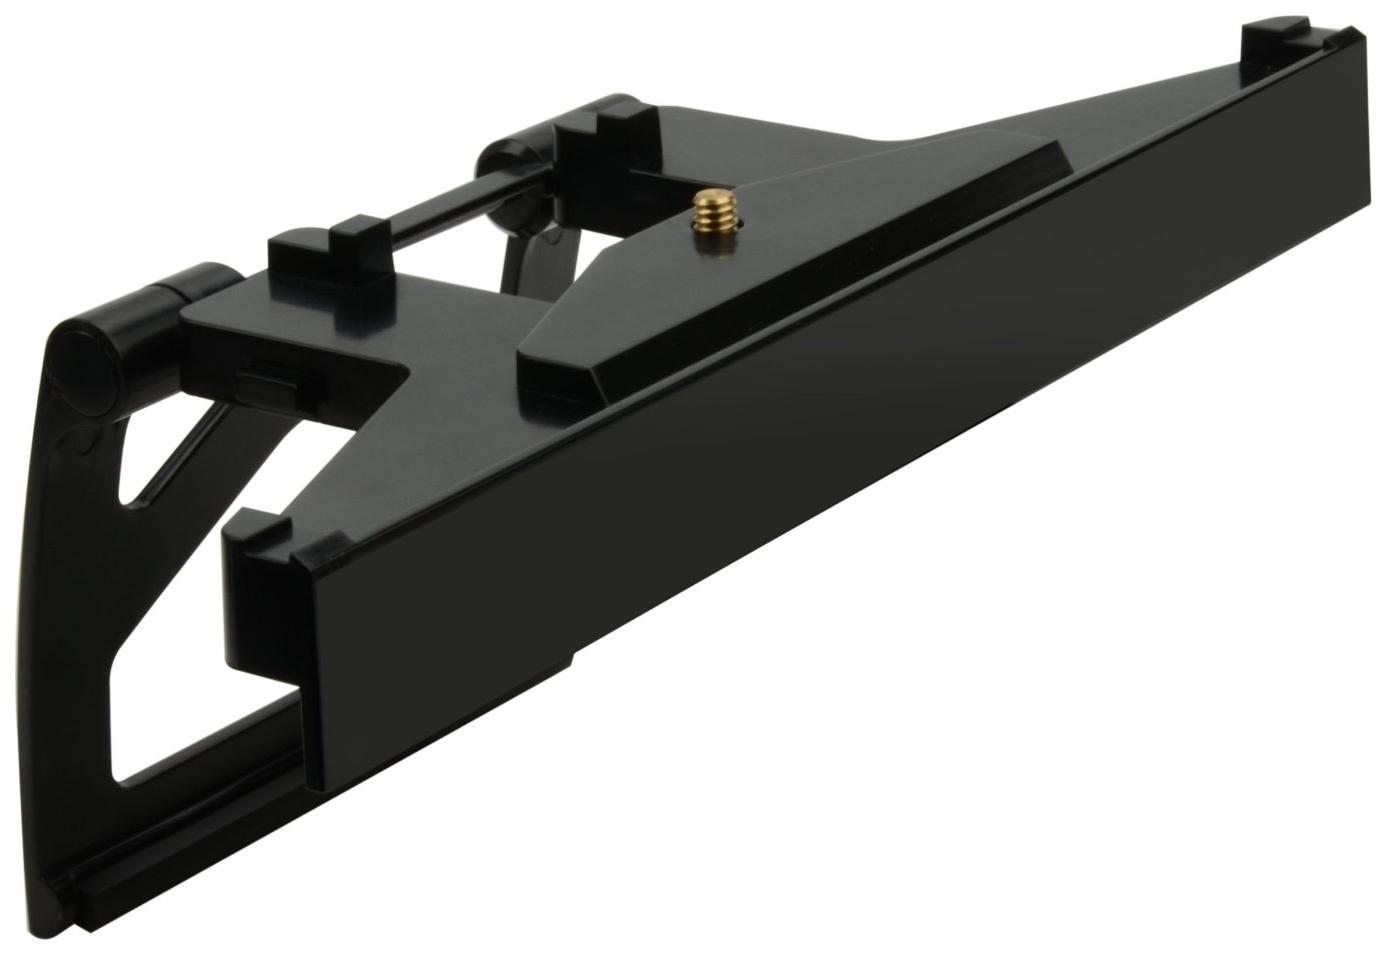 Крепежный зажим на телевизор для сенсора Kinect